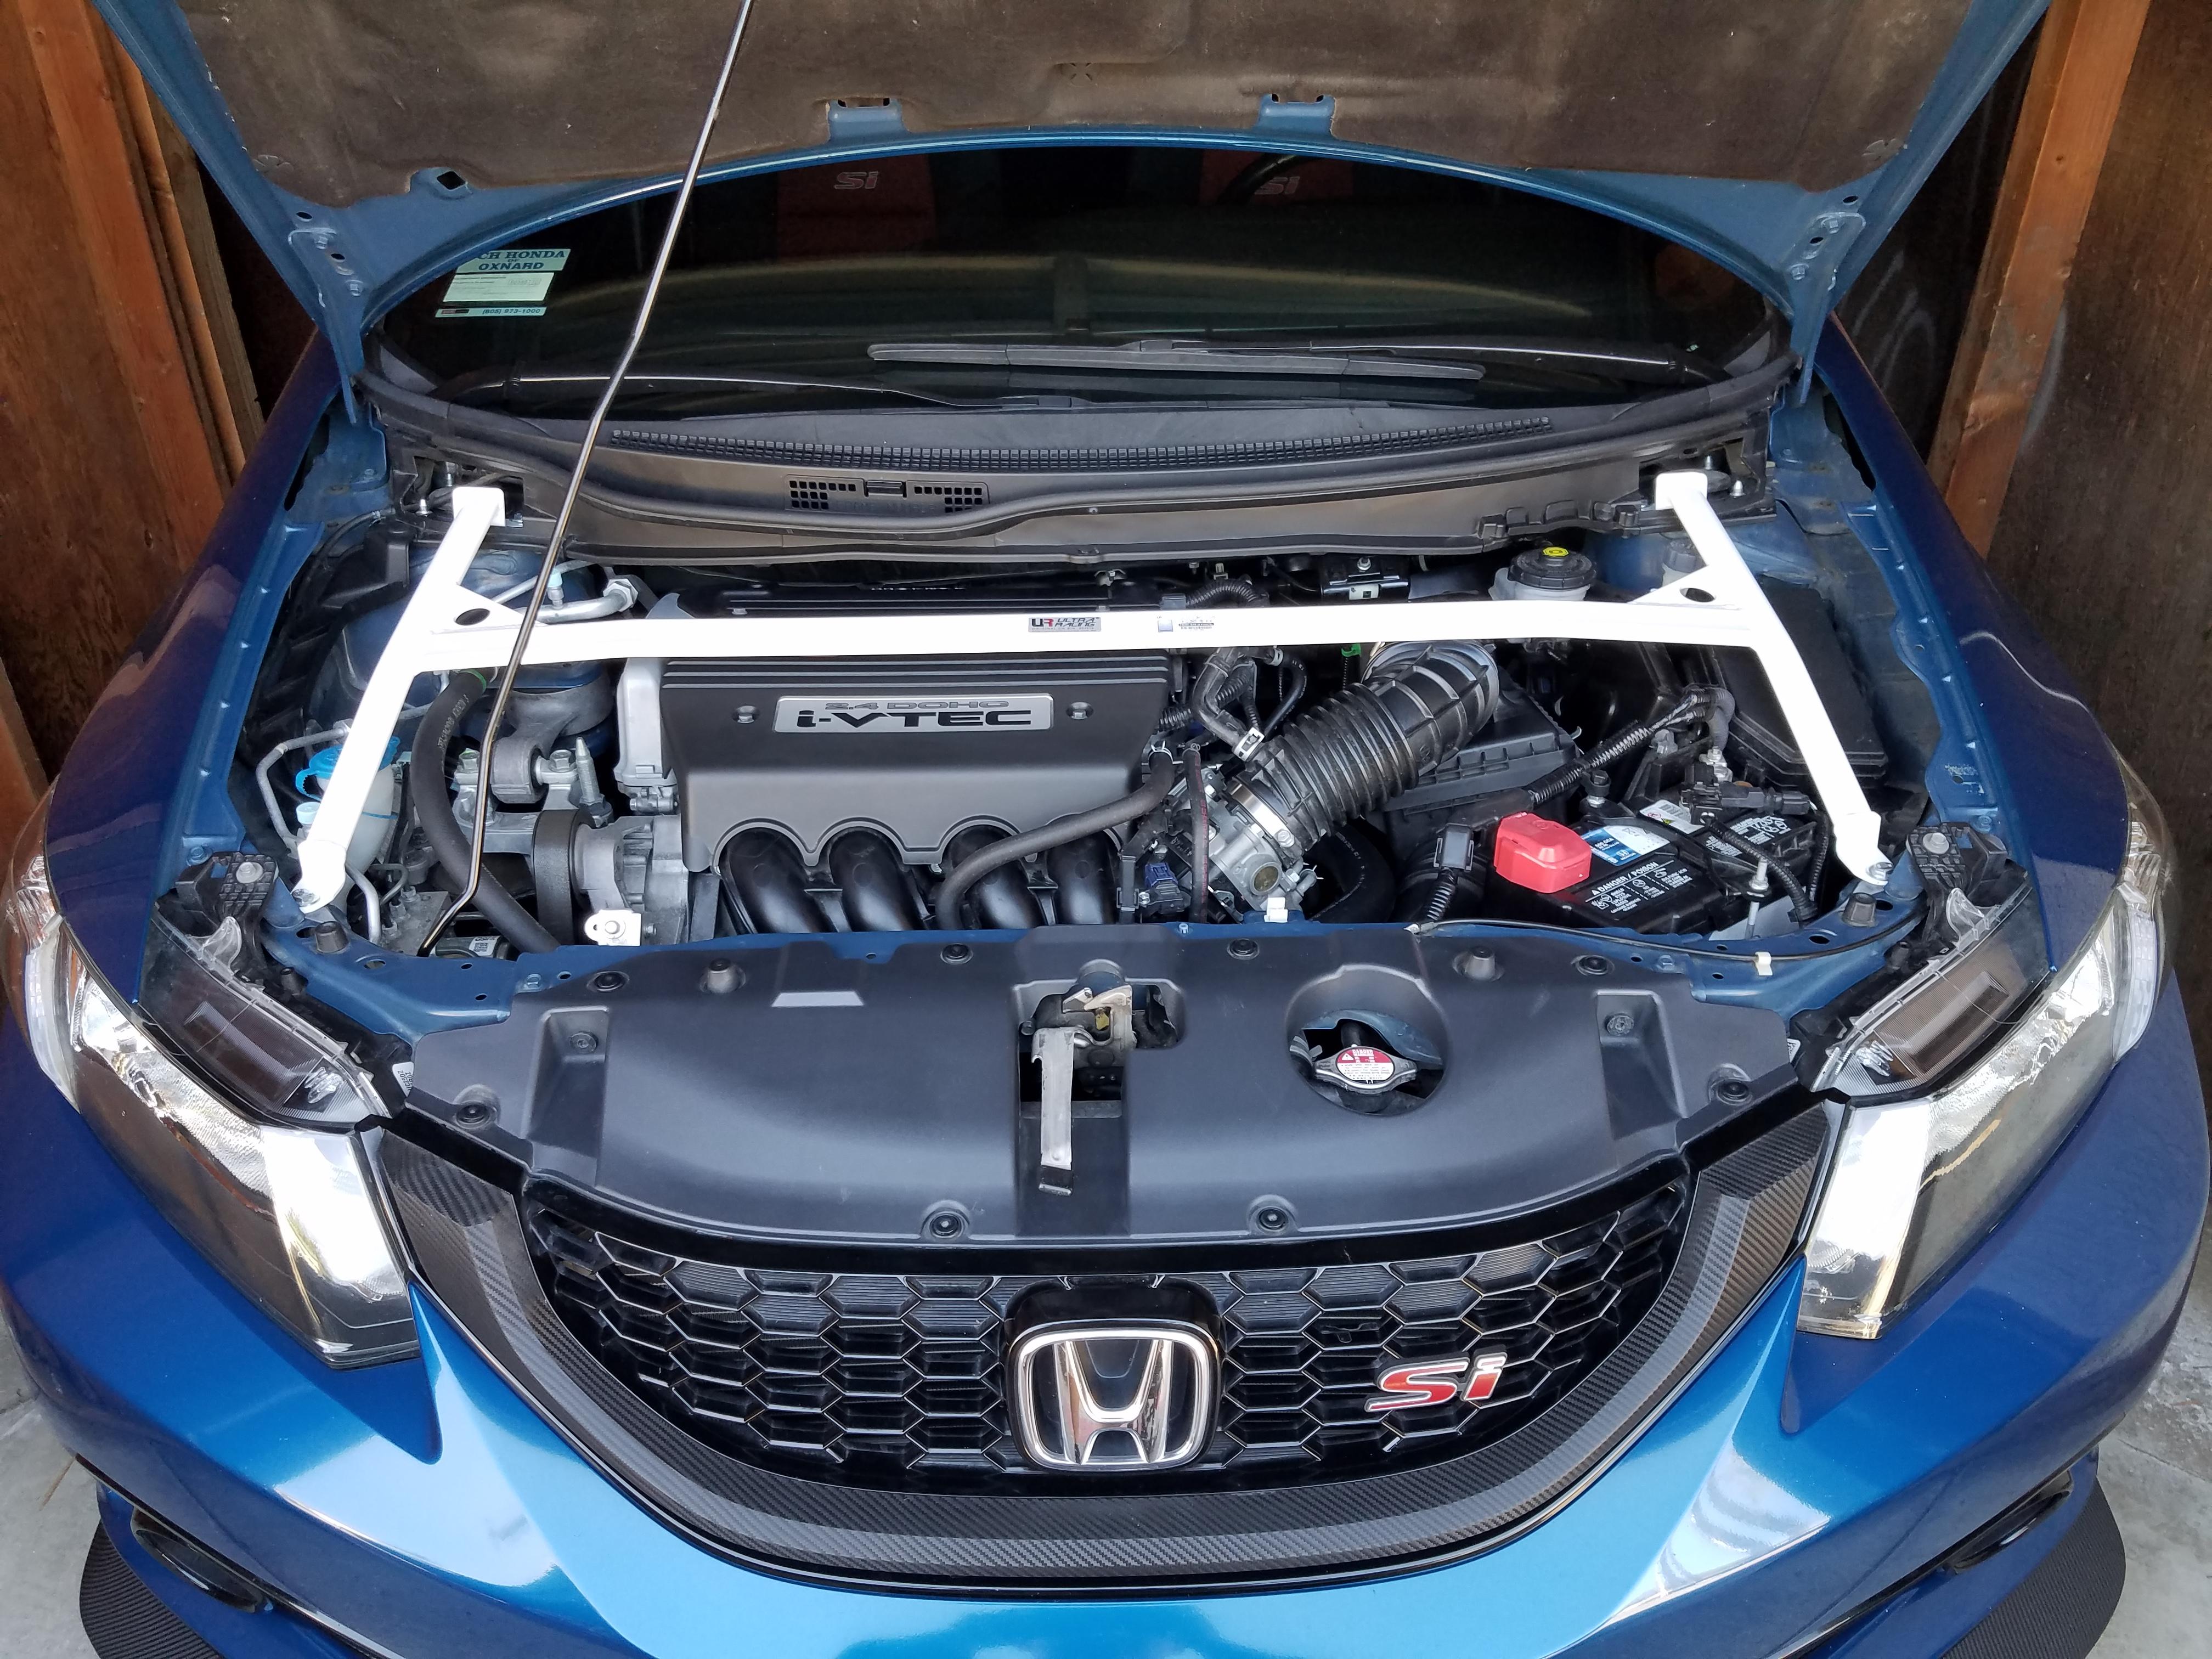 Jairo Hernandez Daily Honda FB6 on a full chassis brace kit Ultra